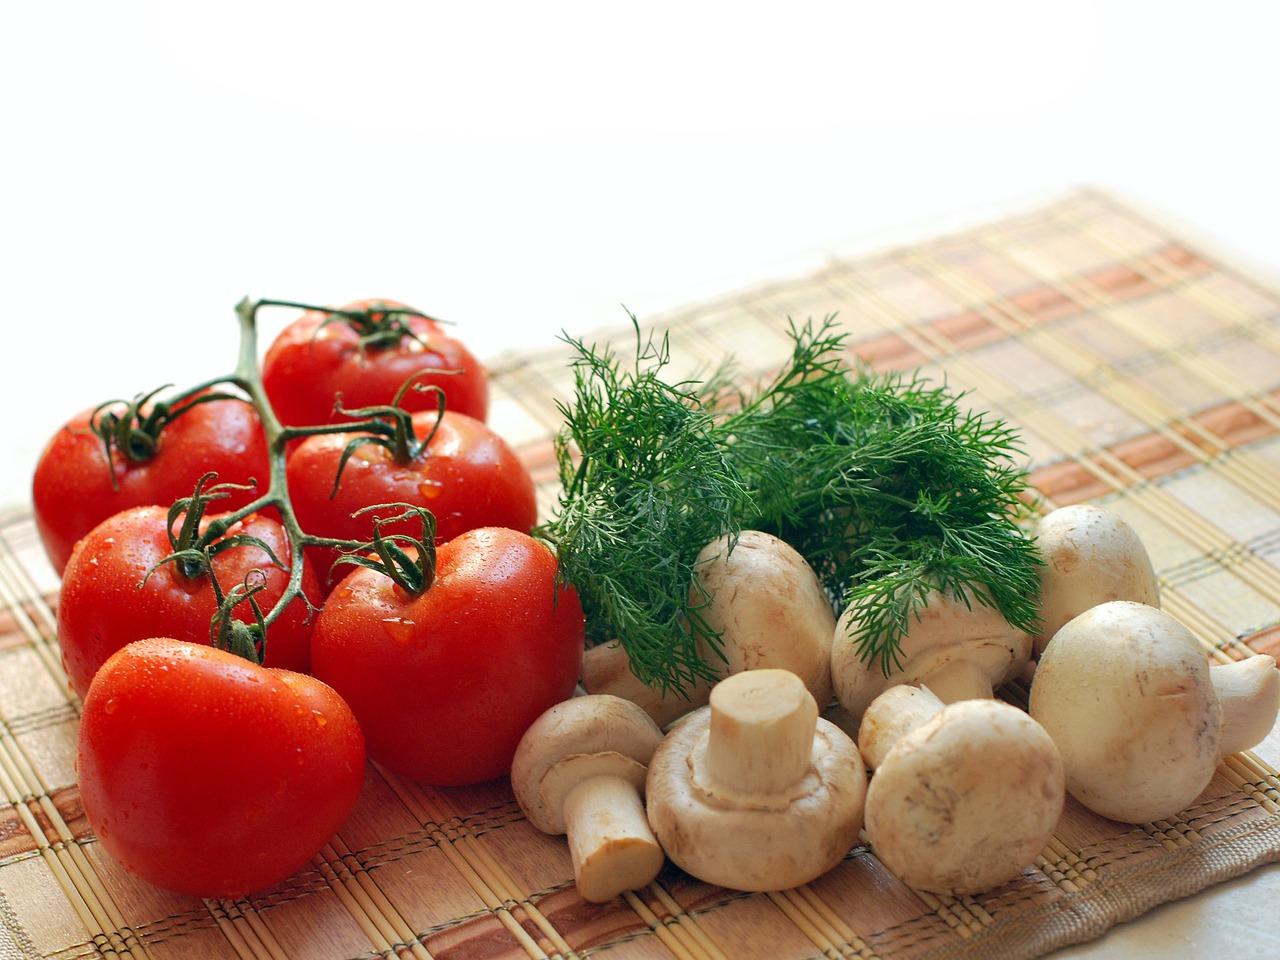 Немного написать о проблемах и пользе вегетарианства